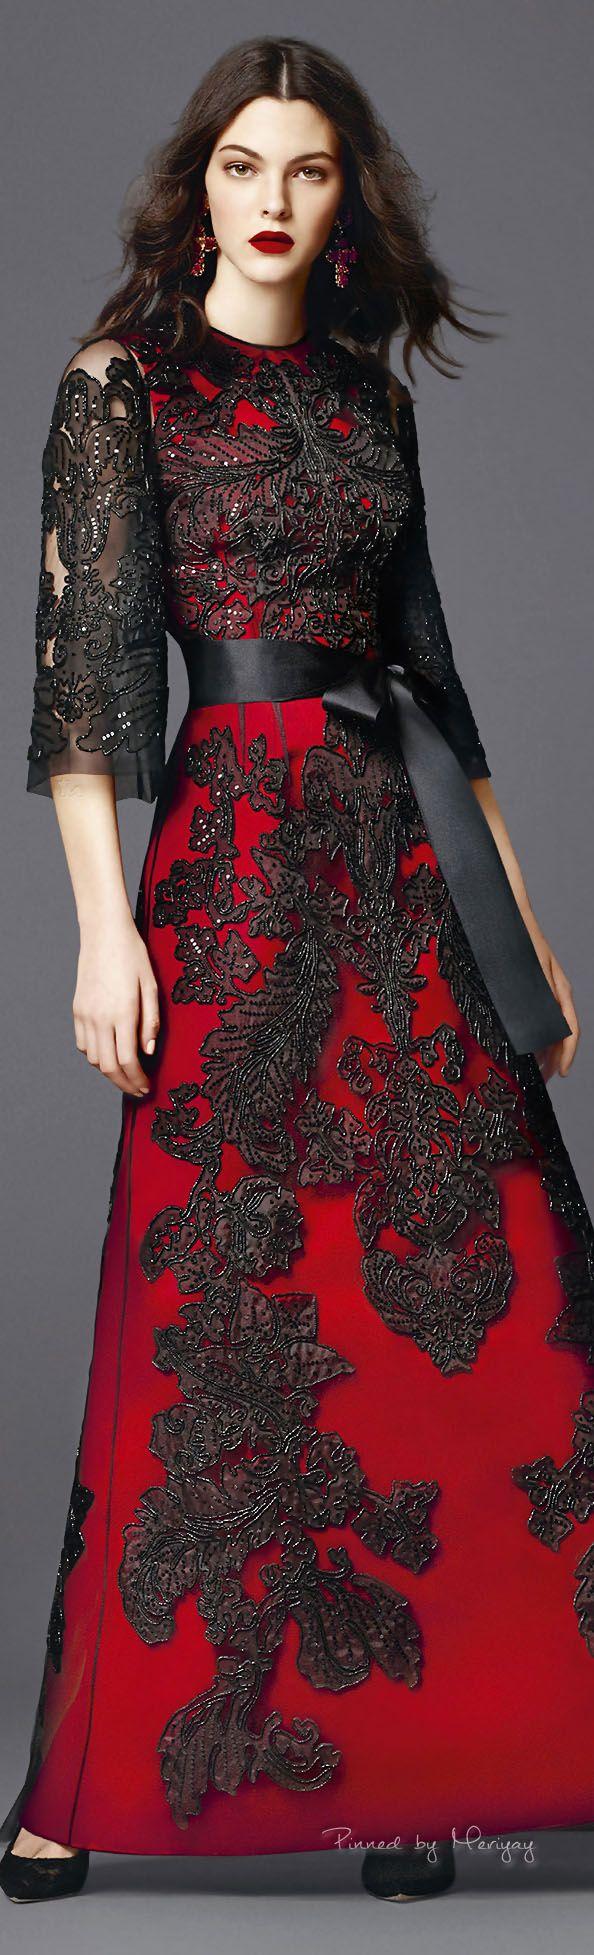 Farb-und Stilberatung mit www.farben-reich.com - ♔Dolce & Gabbana.2015♔                                                                                                                                                                                 More